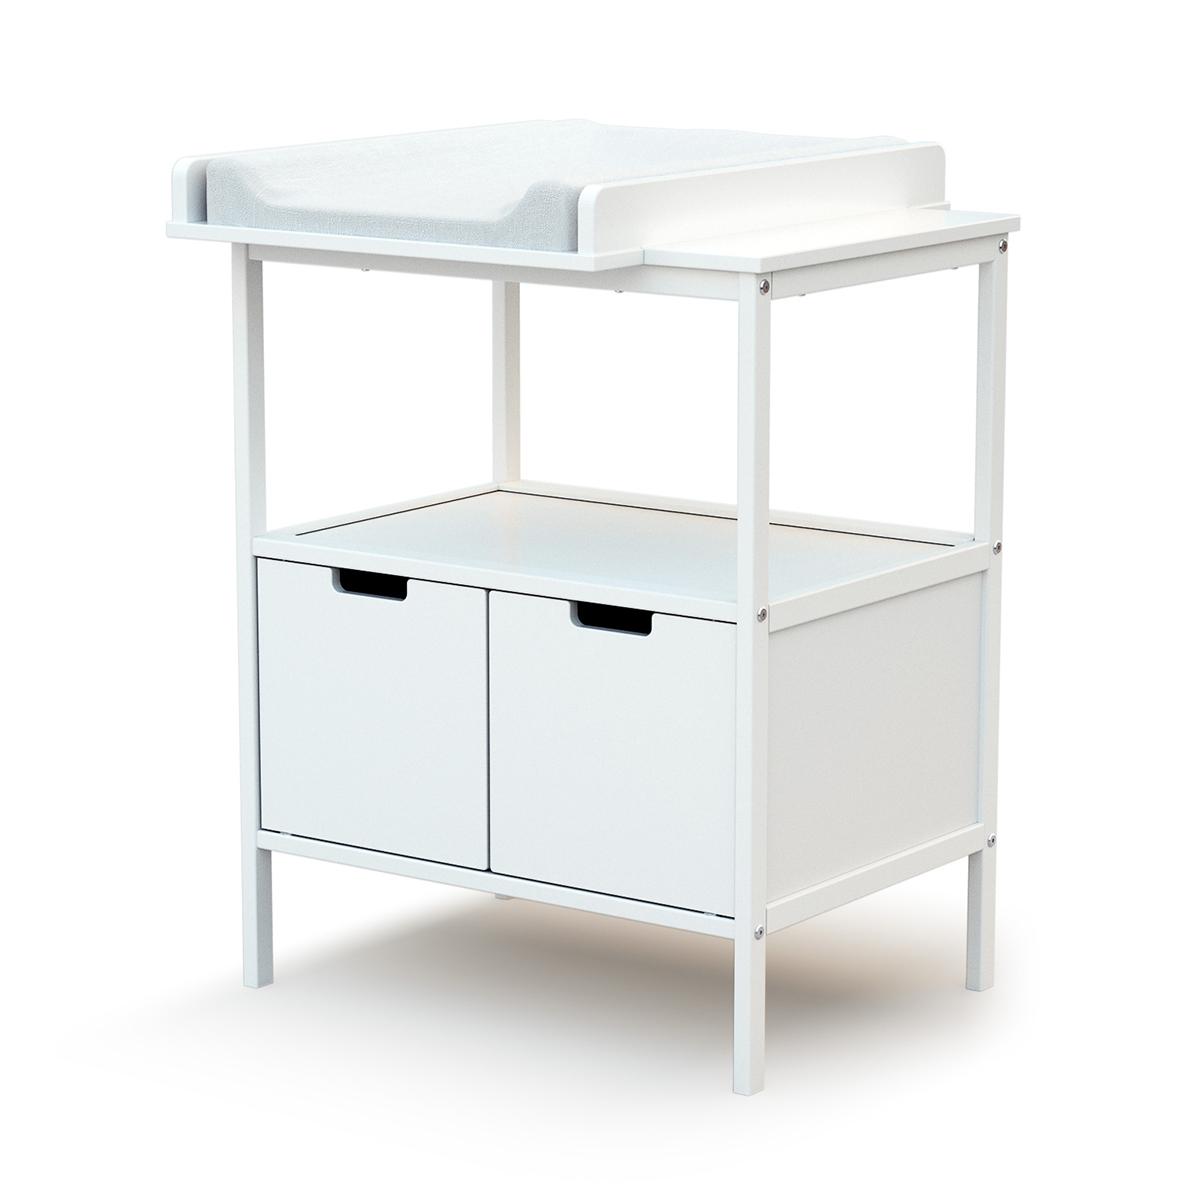 Table à langer 2 portes AT4 Essentiel - Blanc